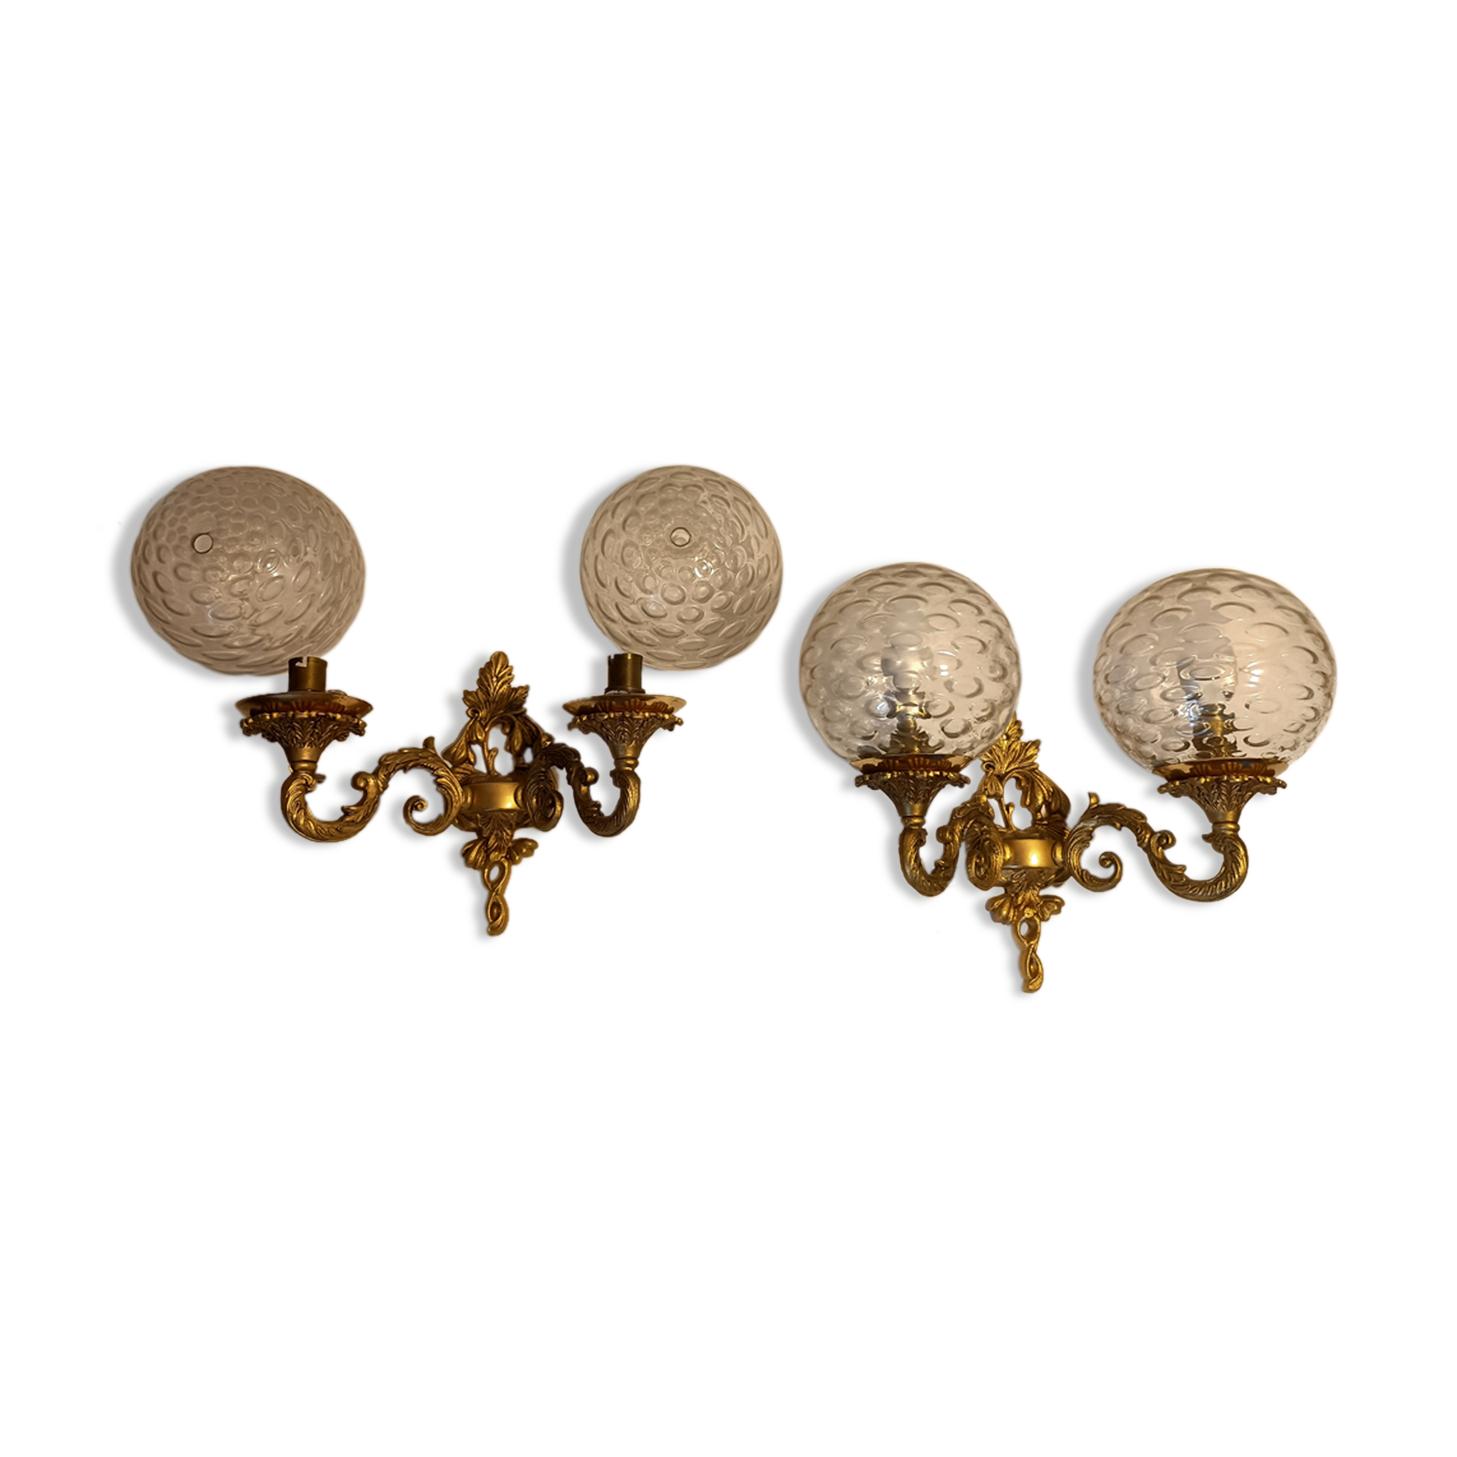 Paire d'appliques en bronze doré de style Restauration, globes en verre. 1960.